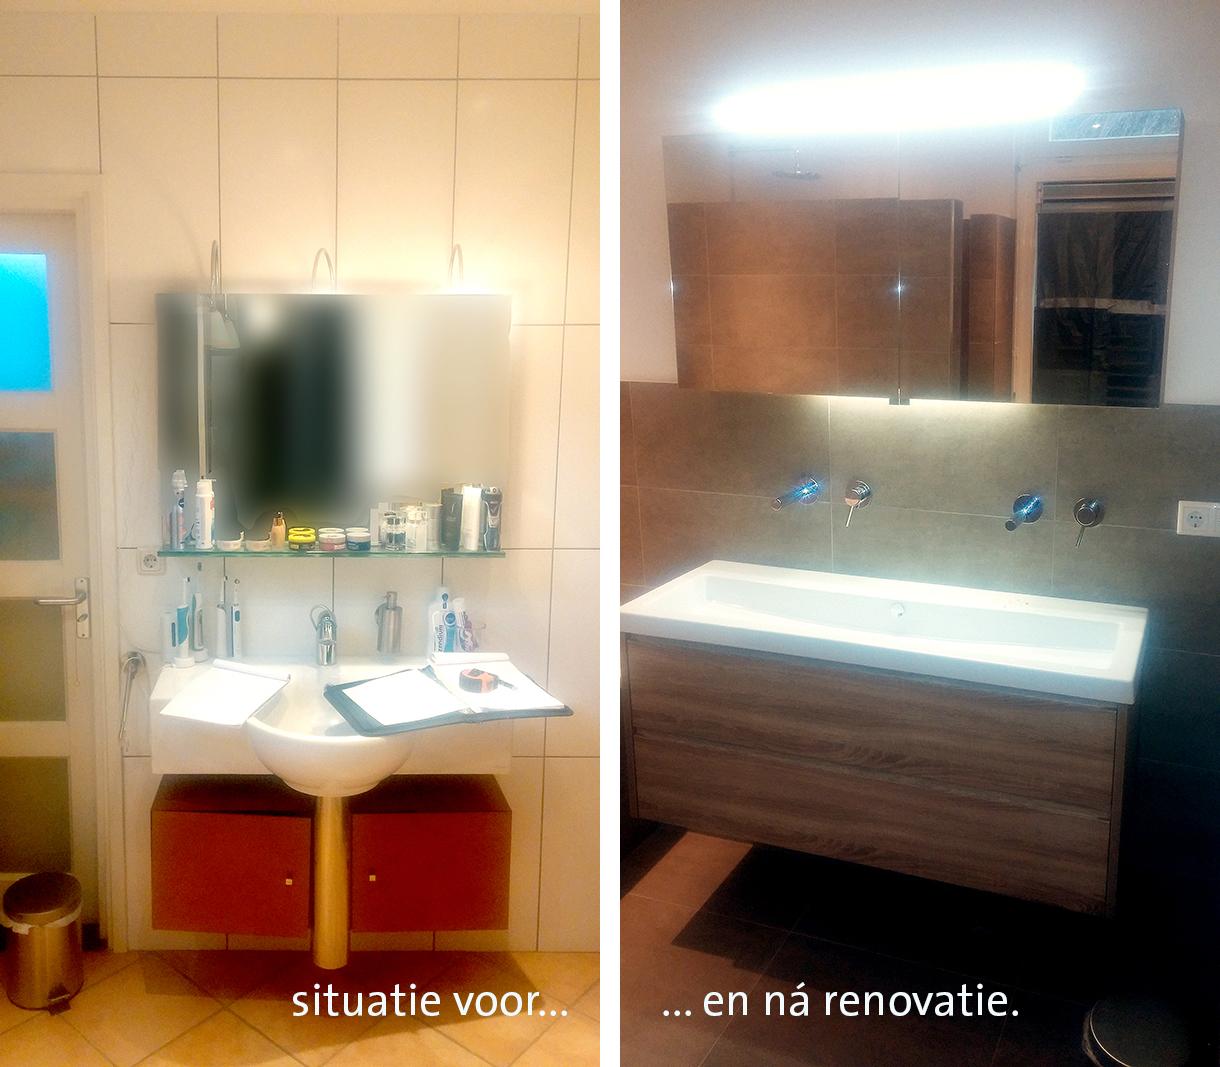 Badkamer renovatie van BlomTotaalBouw: betaalbaar, zonder zorgen